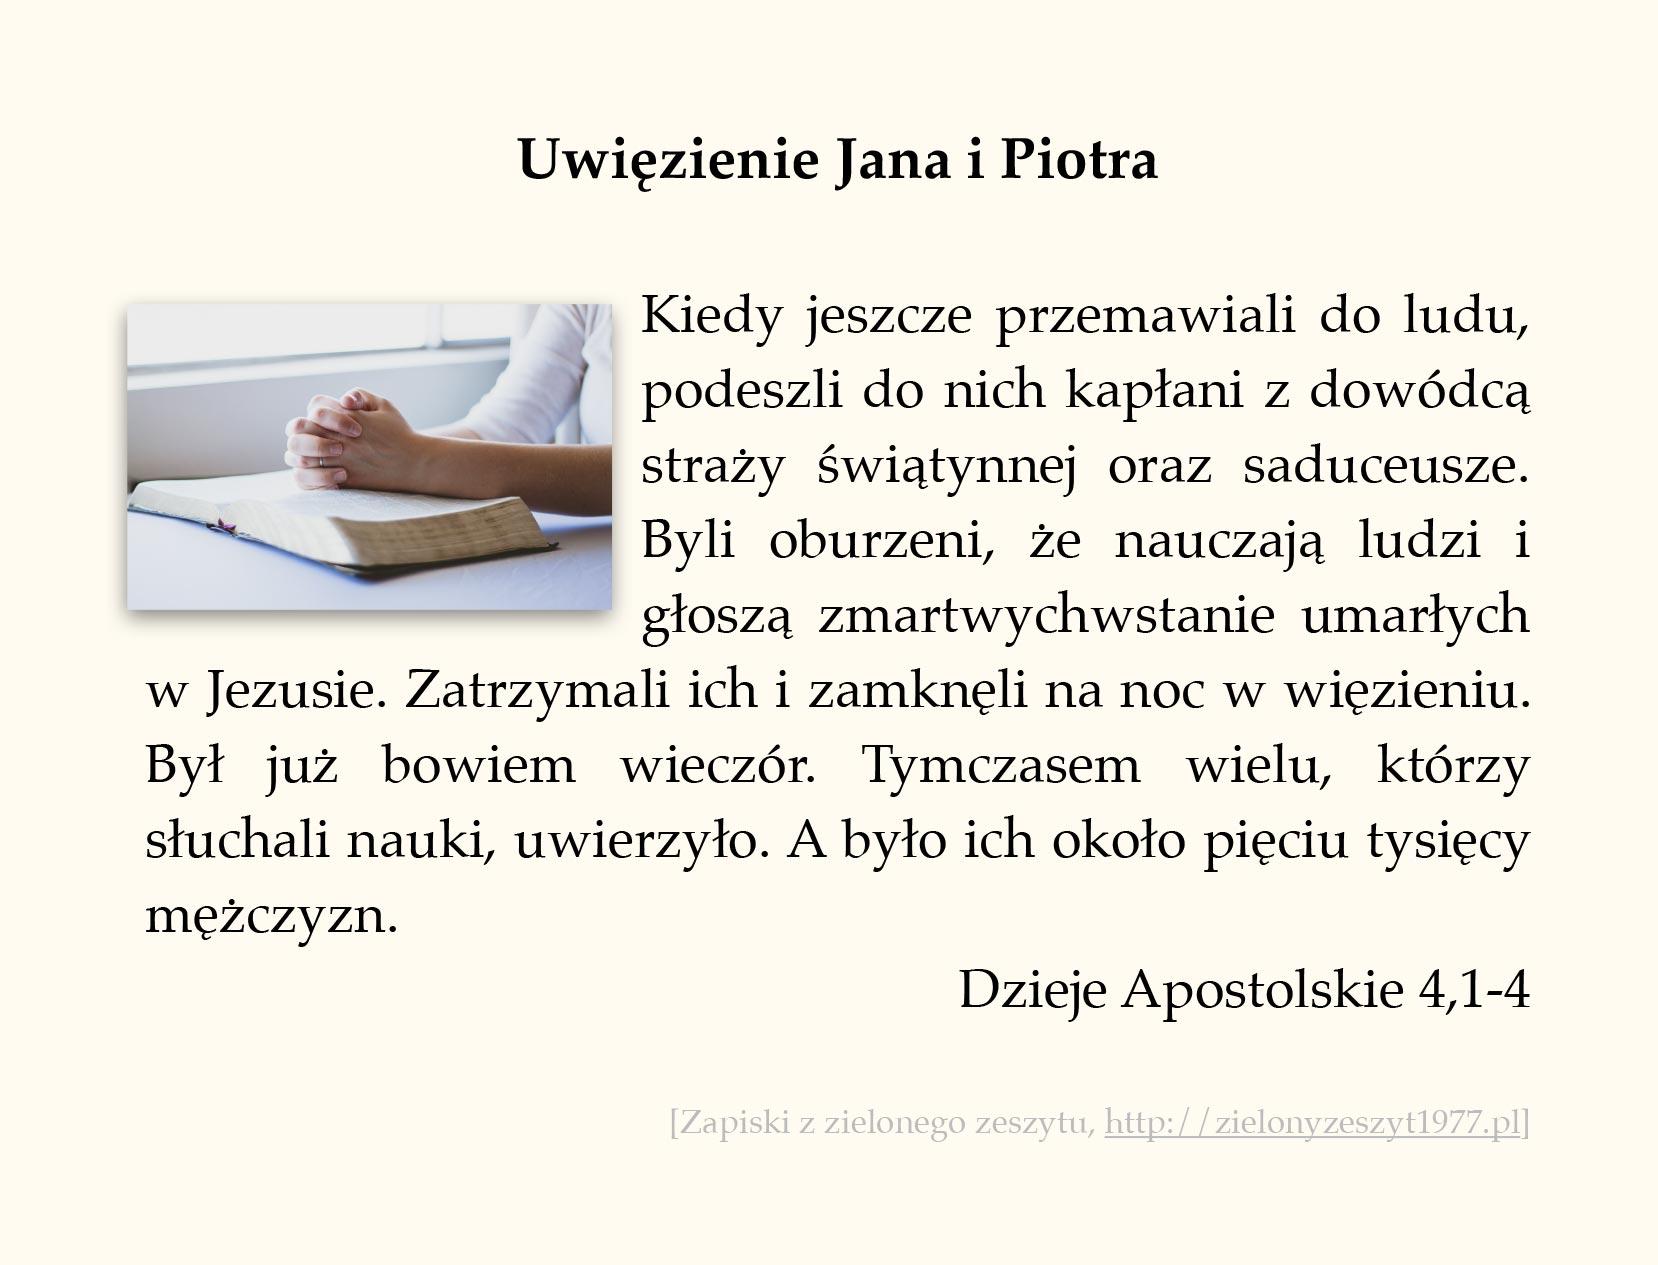 Uwięzienie Jana i Piotra, Dzieje Apostolskie (#15)